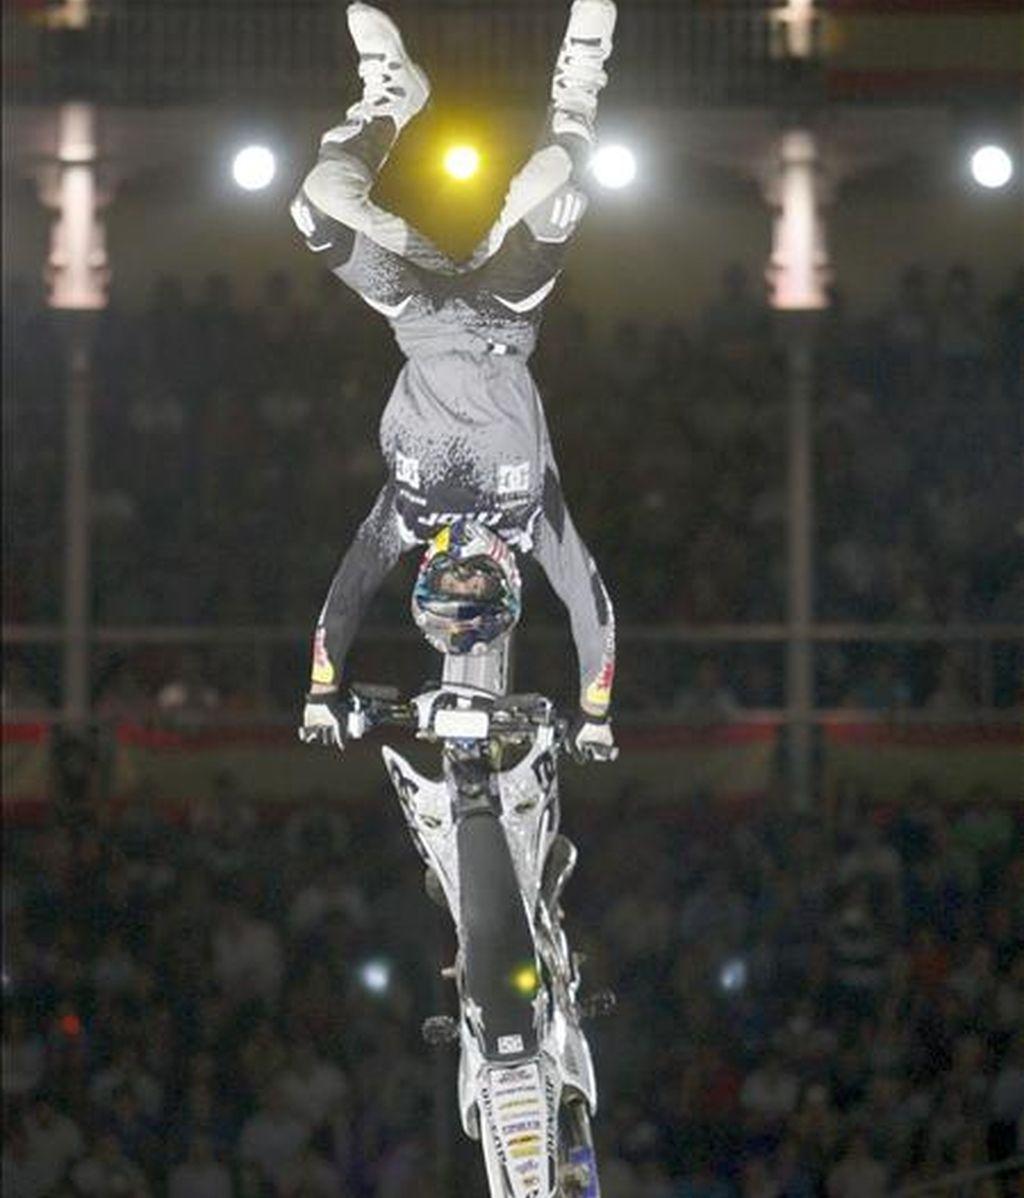 El piloto australiano Robbie Maddison se hizo con la victoria en el Red Bull X-Fighter de Madrid, cuarta cita del certamen, al derrotar en la gran final al suizo Matt Ribeaud en la prueba disputada esta noche en la plaza de Las Ventas, en Madrid. EFE